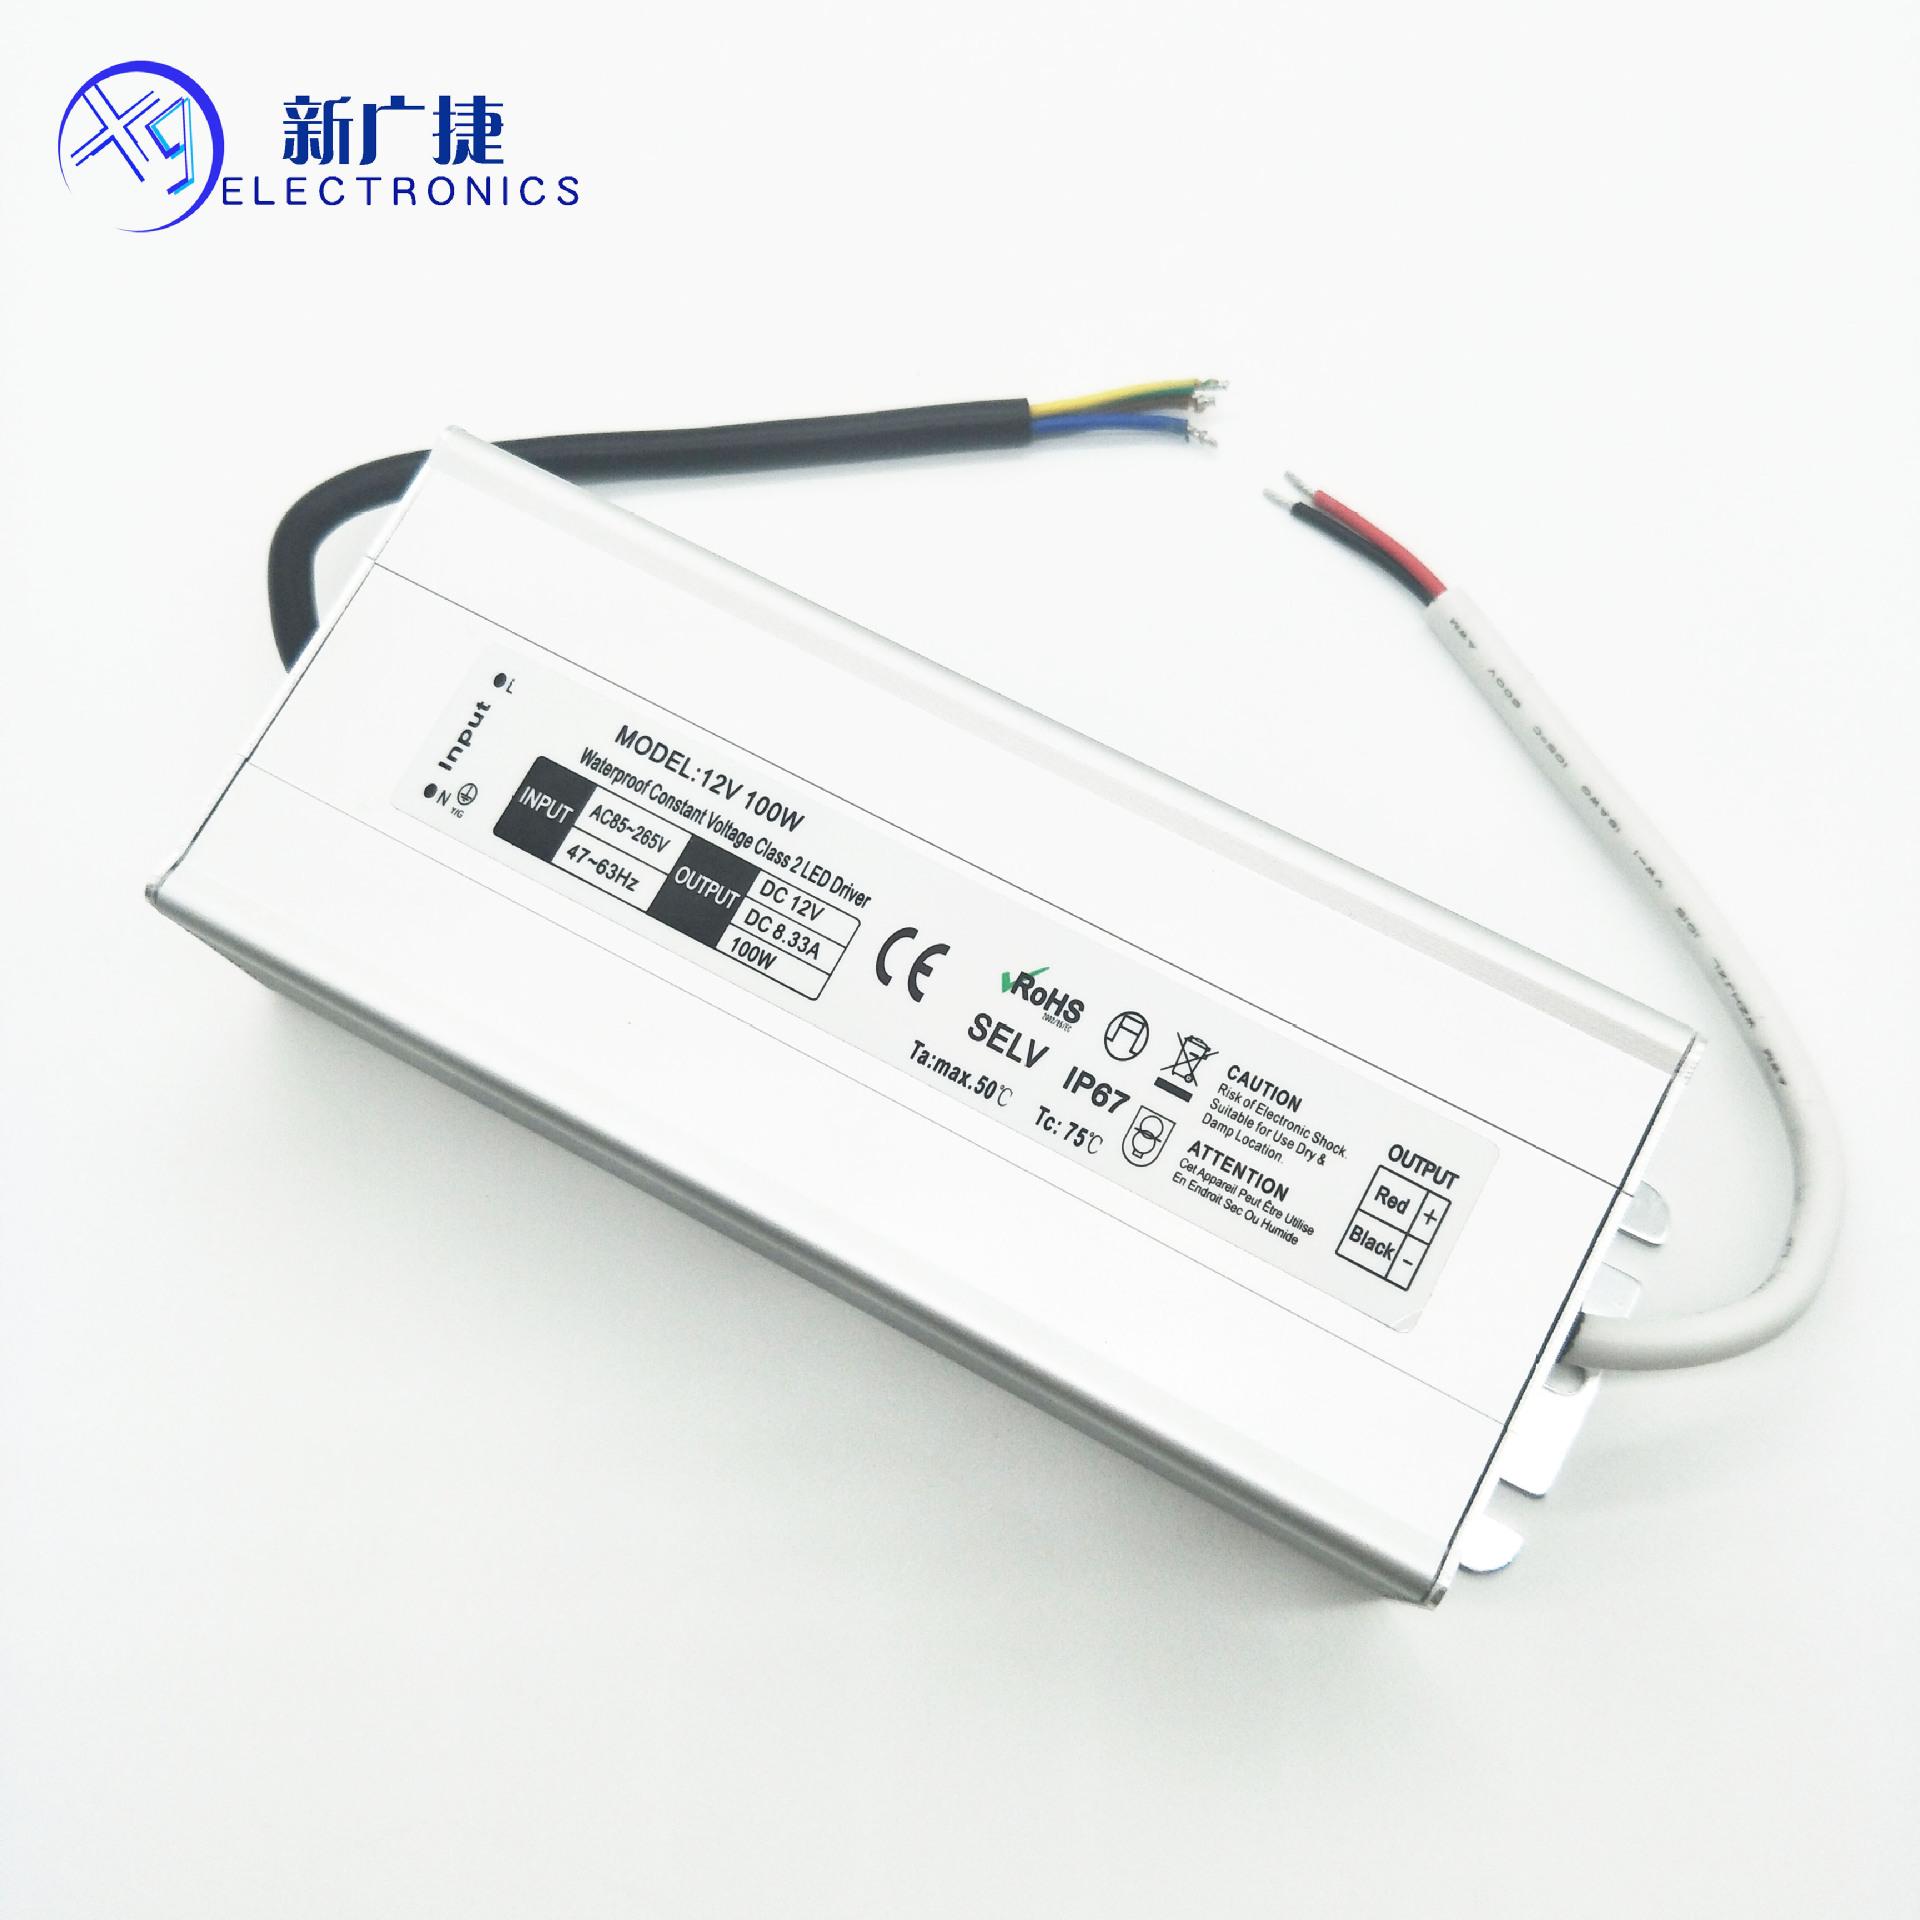 XINGUANGJIE Bộ nguồn cho đèn LED Nguồn cung cấp năng lượng chống nước LED 12V100W Ổ đĩa điện áp liên